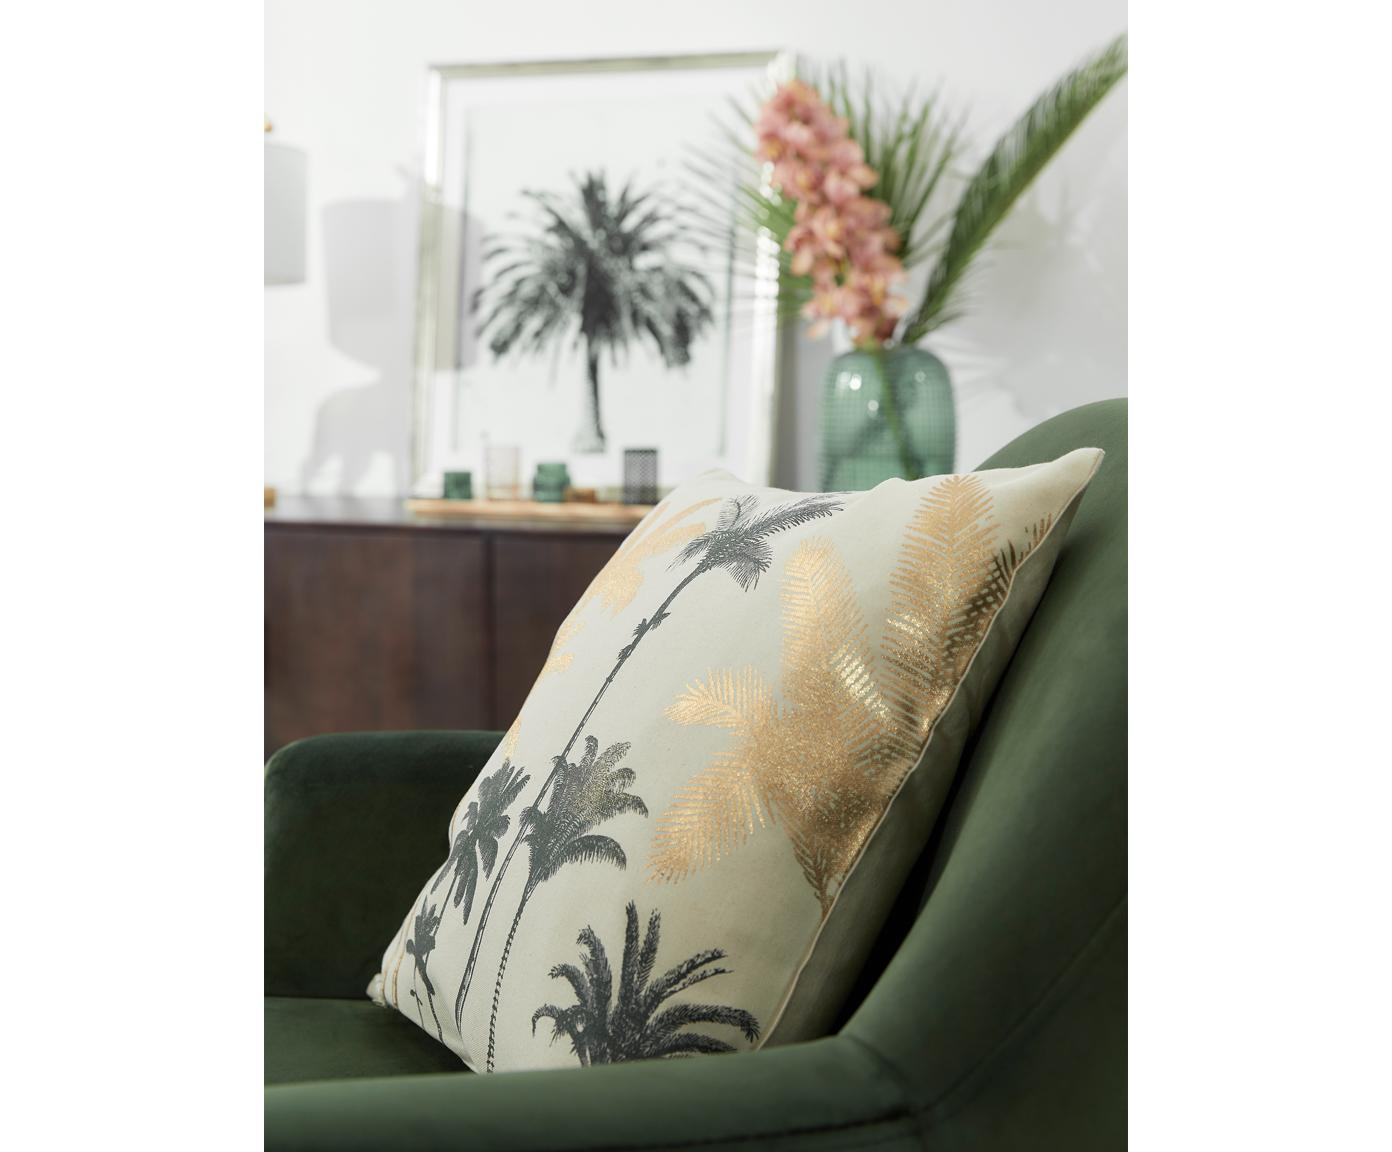 Housse de coussin motif palmier Palmas, Écru, couleur dorée, vert foncé